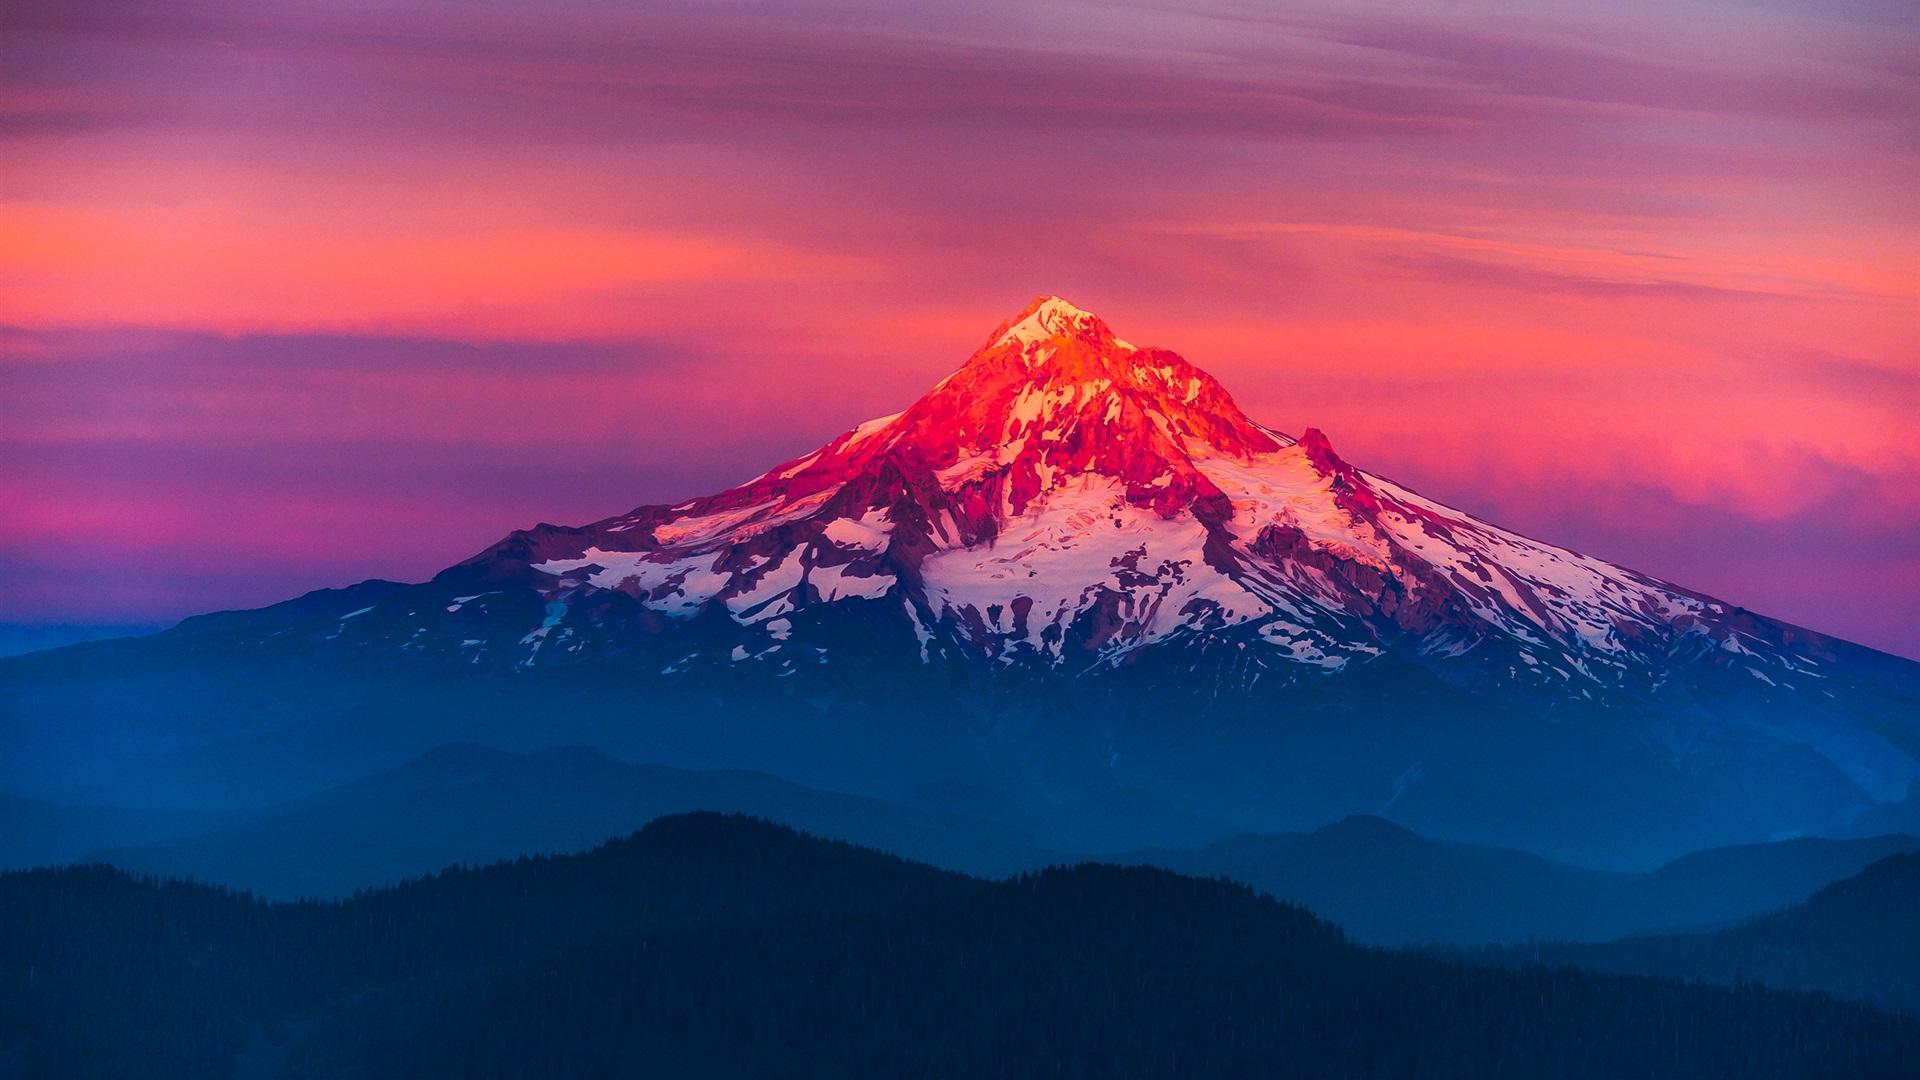 Скачать спад солнце лучи свет горы расстояние восход пейзаж природа обои